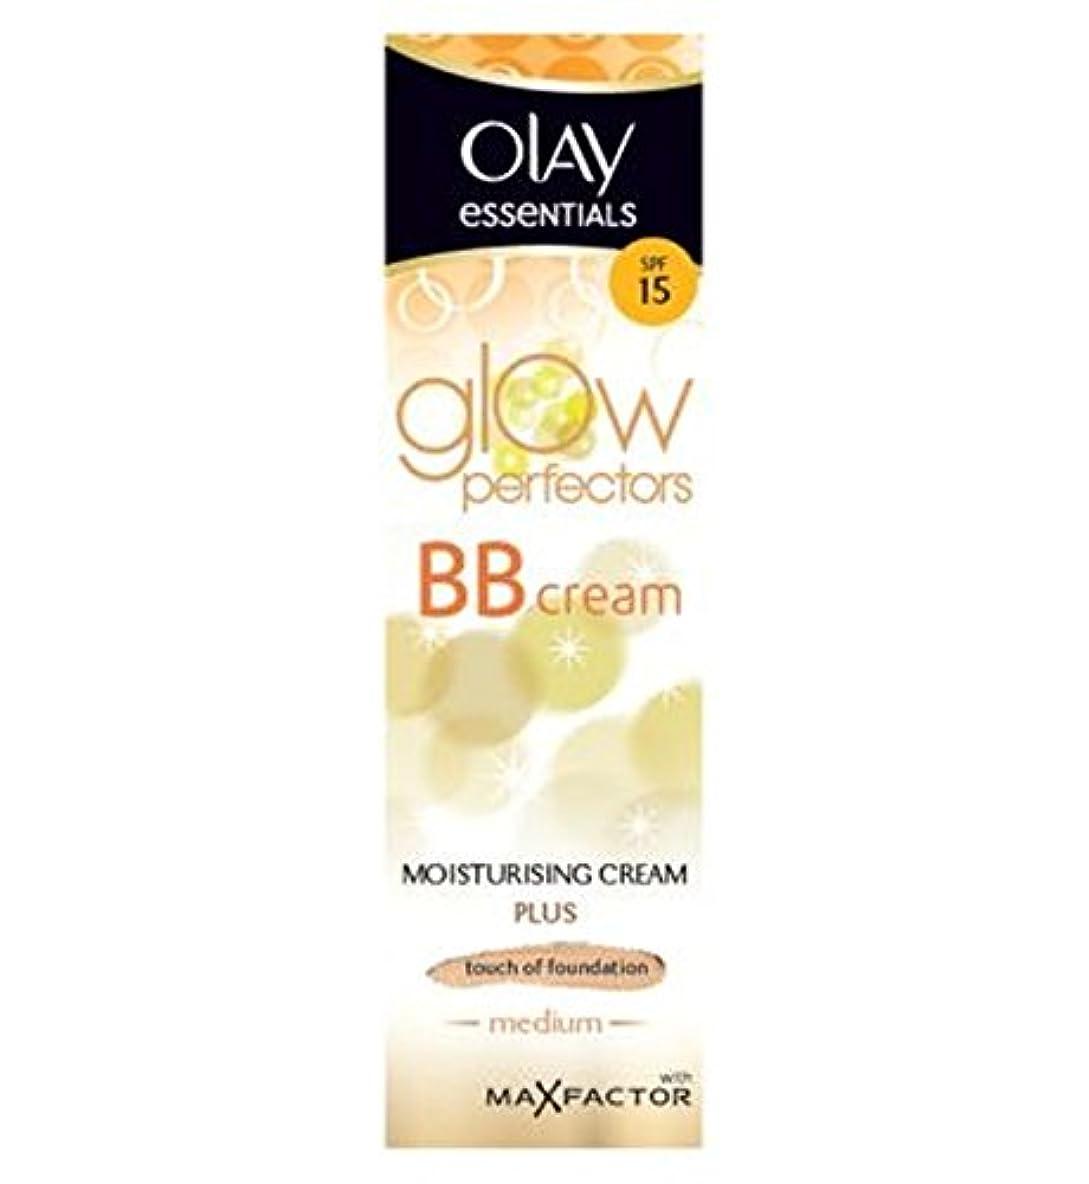 祈る一過性大腿着色保湿50ミリリットルを完成オーレイ完全なBbクリームSpf15スキン - 中 (Olay) (x2) - Olay Complete BB Cream SPF15 Skin Perfecting Tinted Moisturiser...